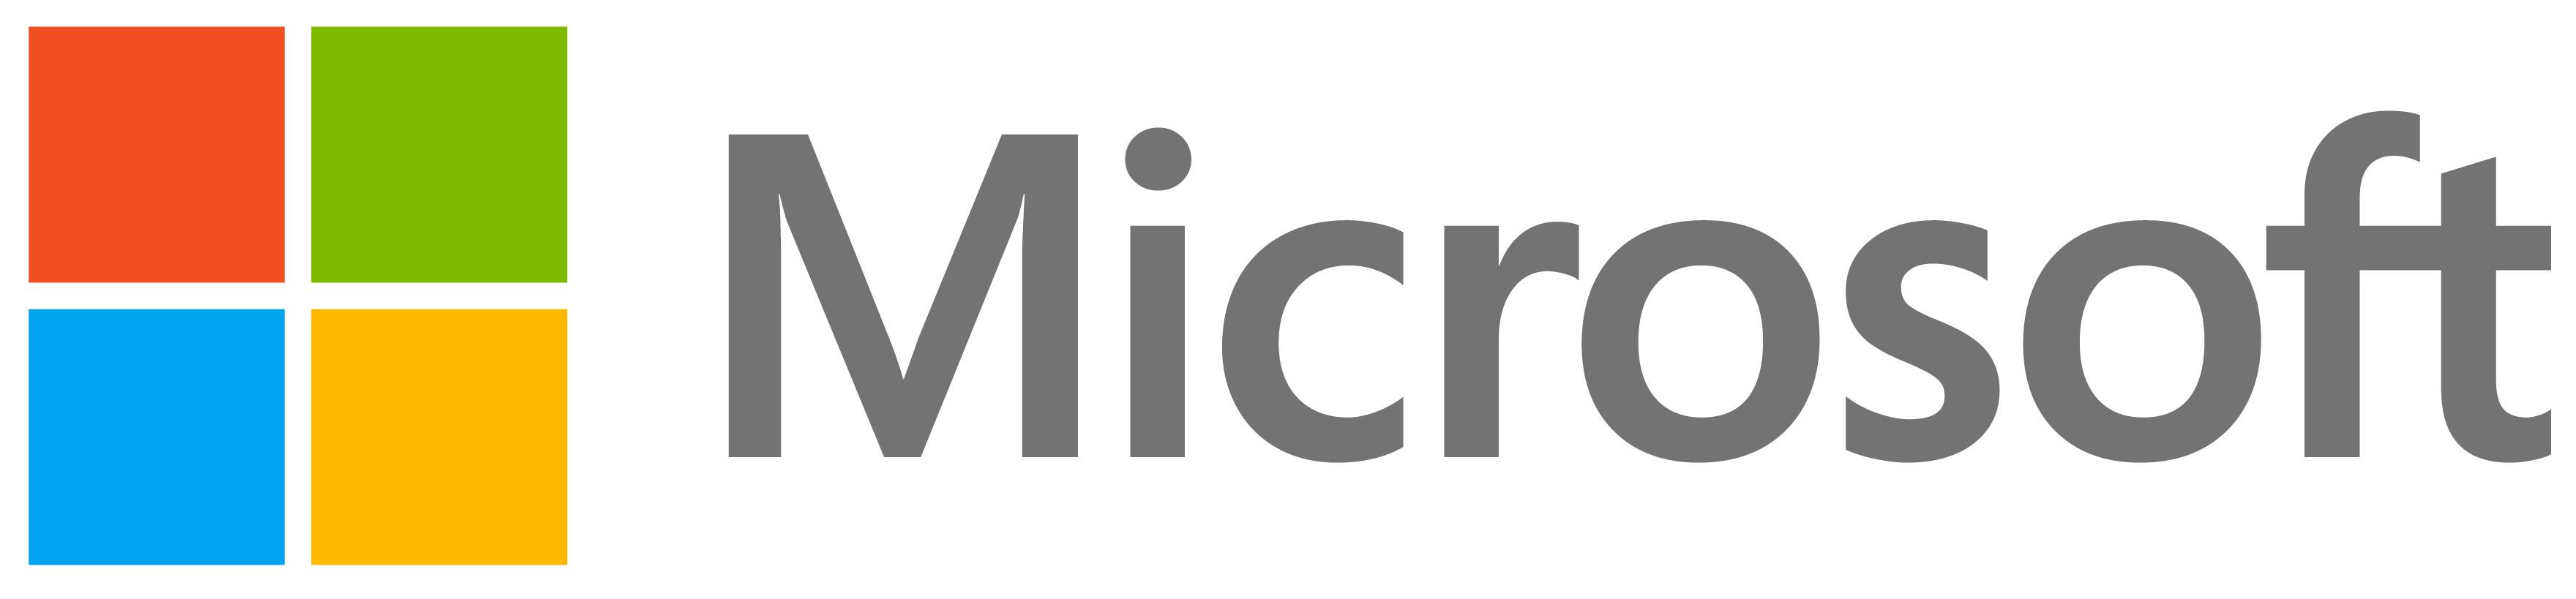 Microsoft seguirá buscando CEO hasta 2014